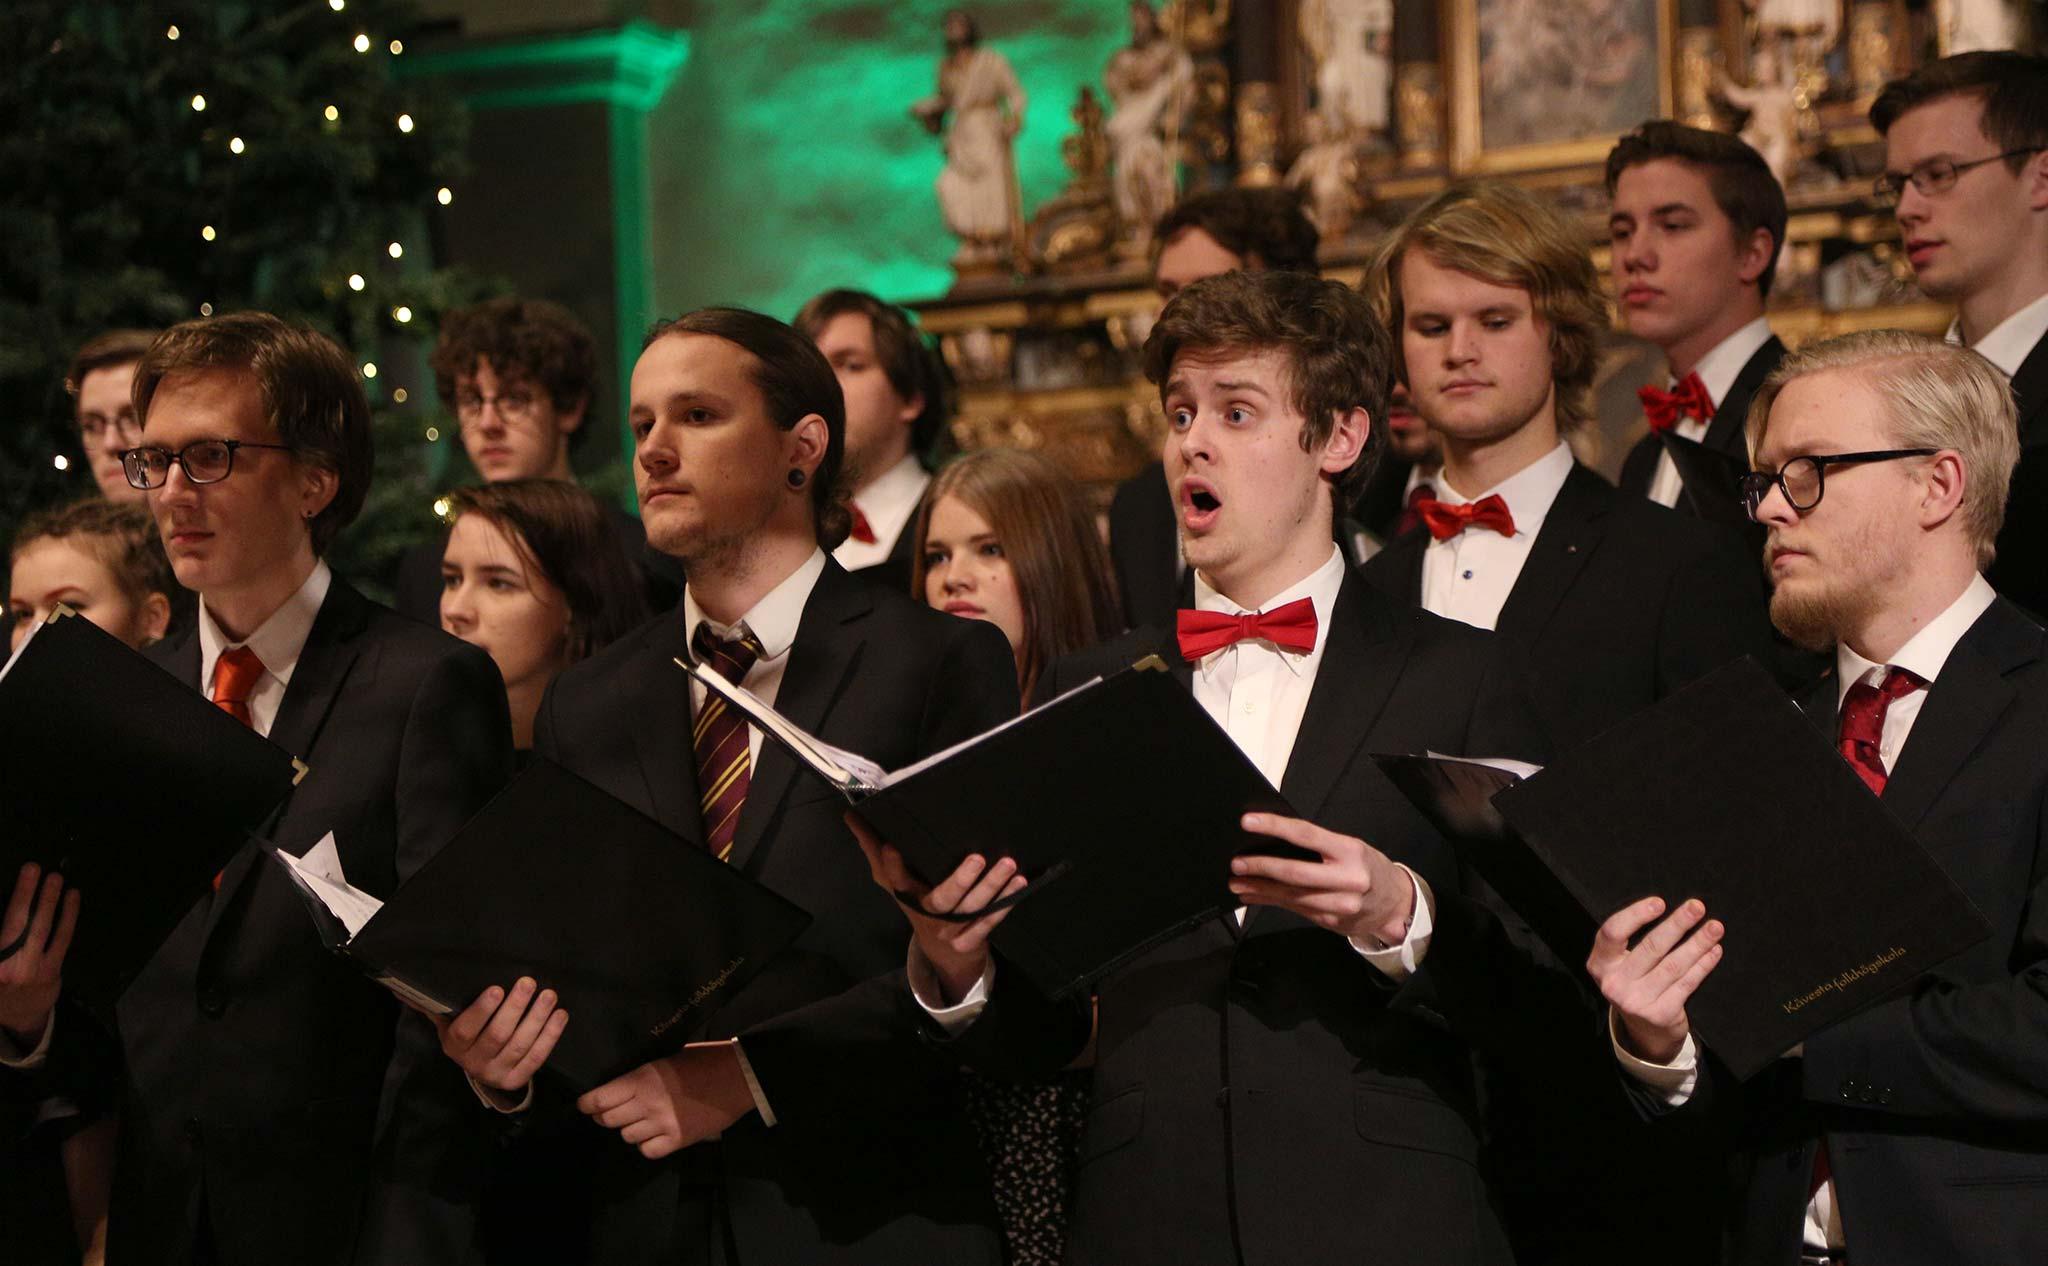 Julkonsert i Nicolaikyrkan 15 december 2016 - 2